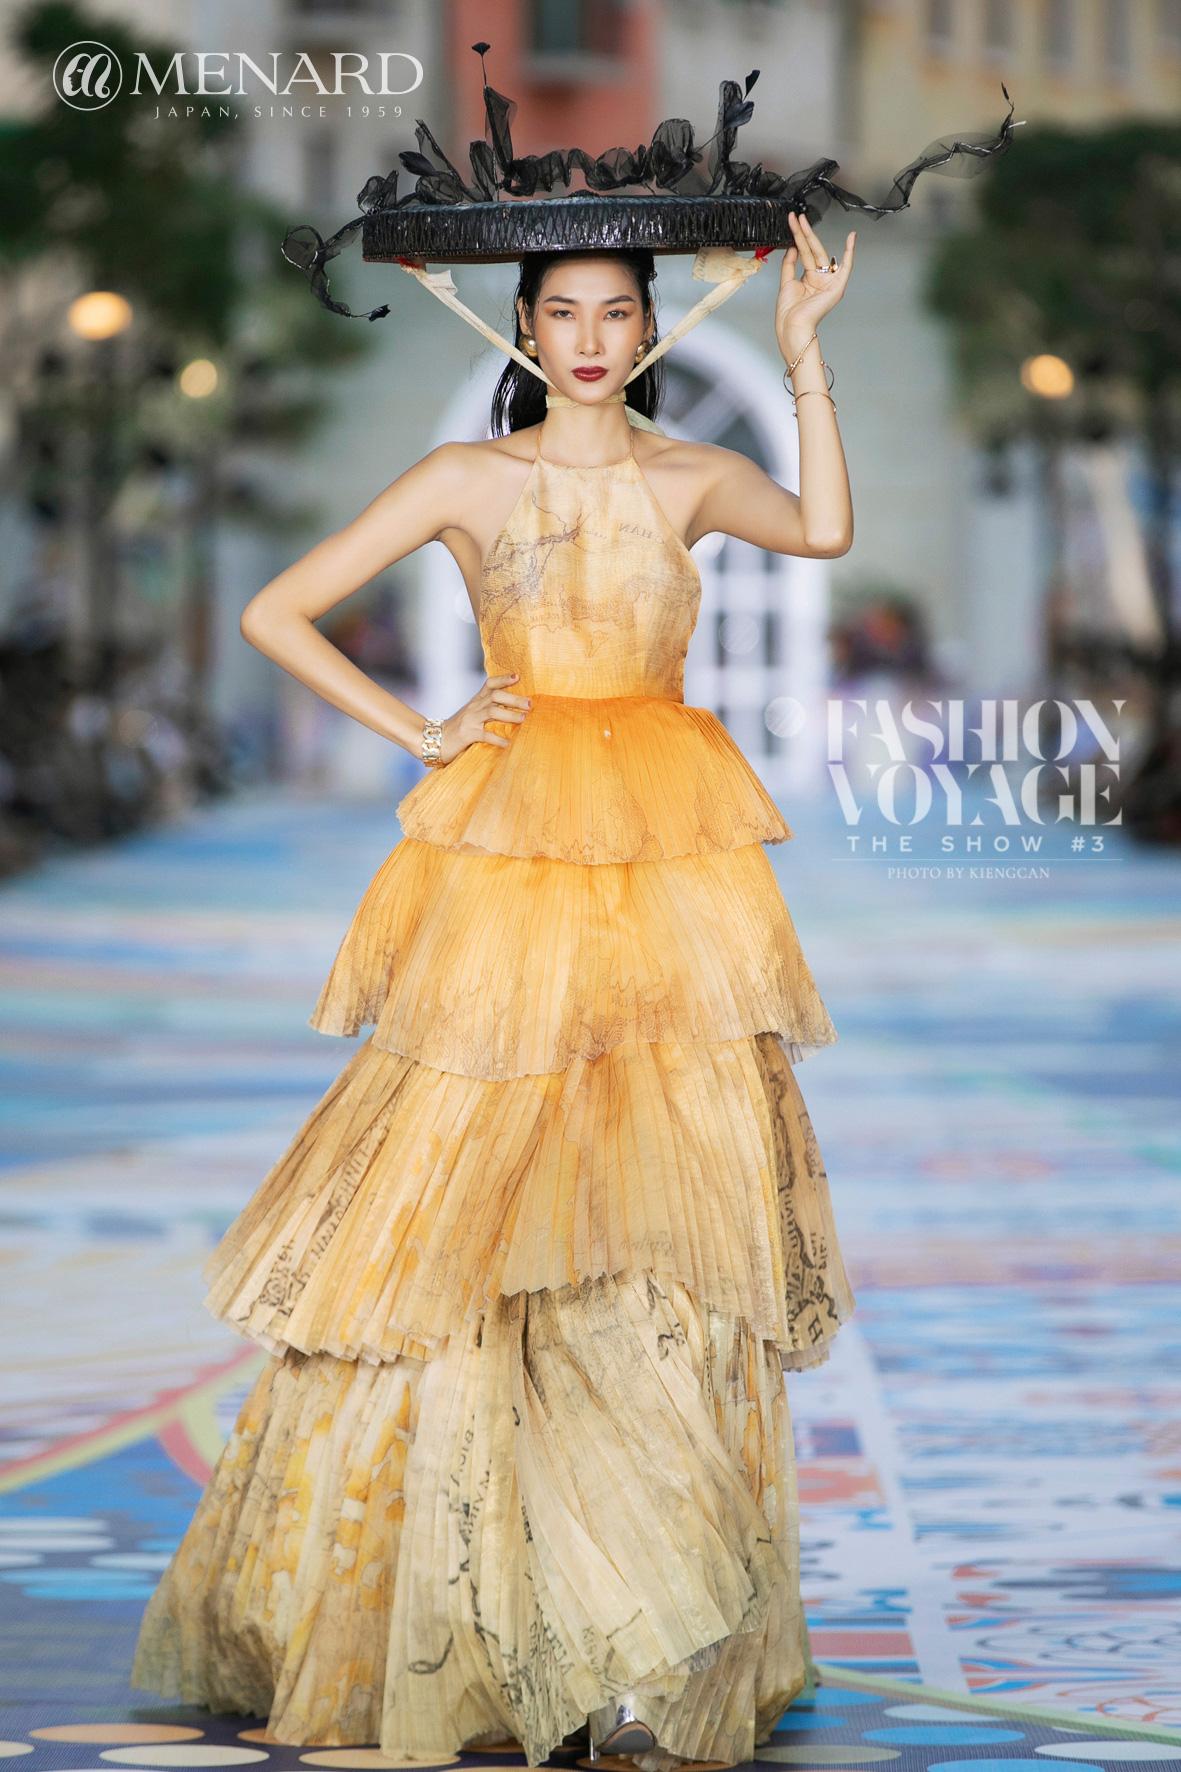 Fashion Voyage #3: Nghệ thuật trang điểm đánh thức khát vọng vẻ đẹp đích thực - Ảnh 4.